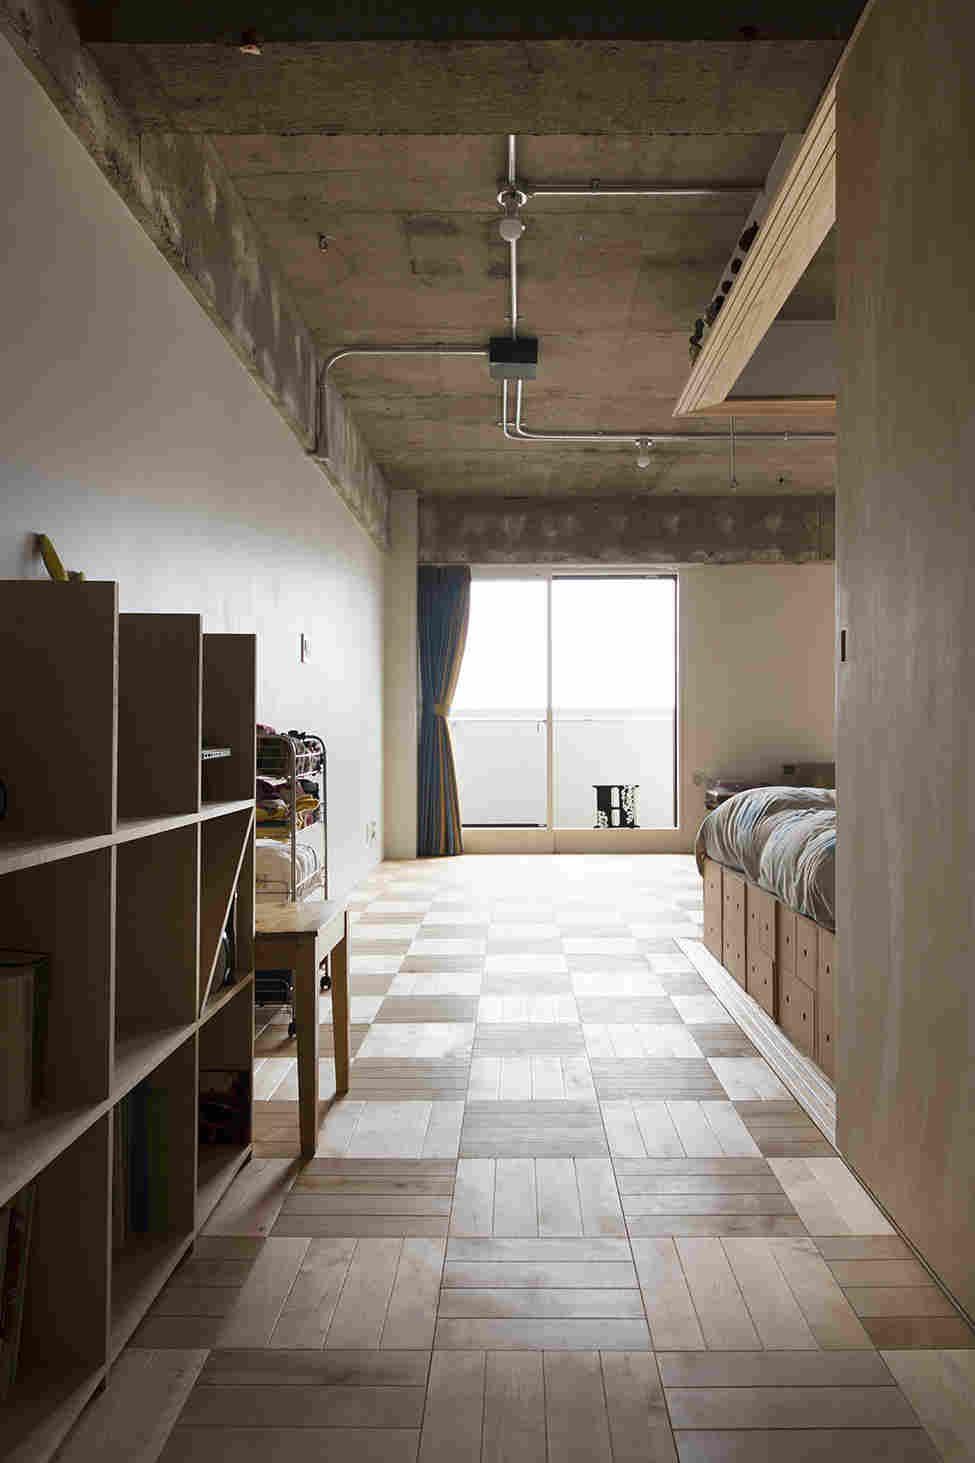 Innenarchitektur für wohnzimmer für kleines haus Жилое пространство в Японии